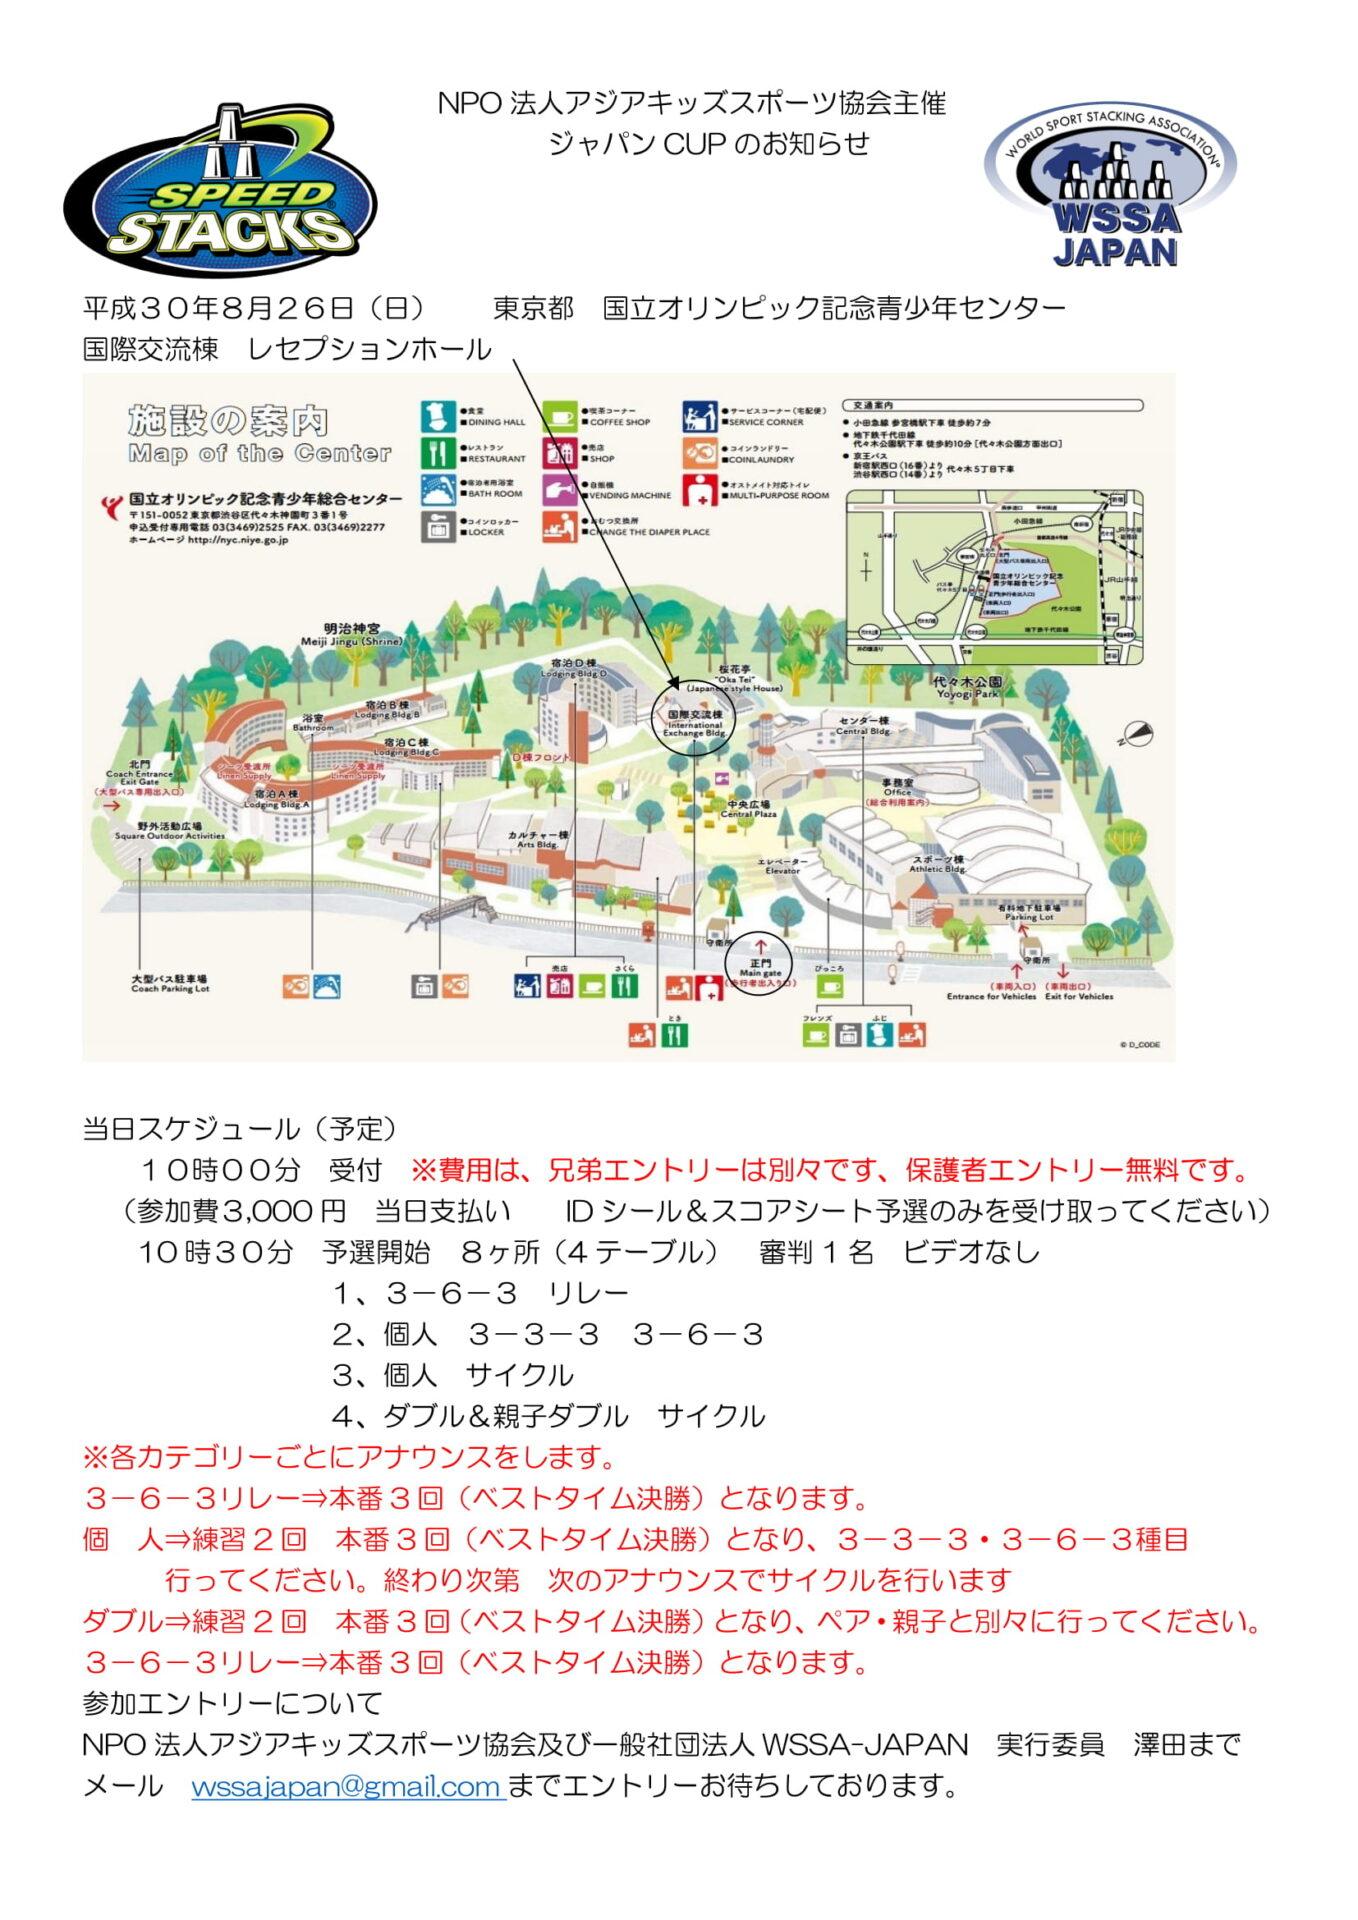 ジャパンカップのお知らせ(表面)